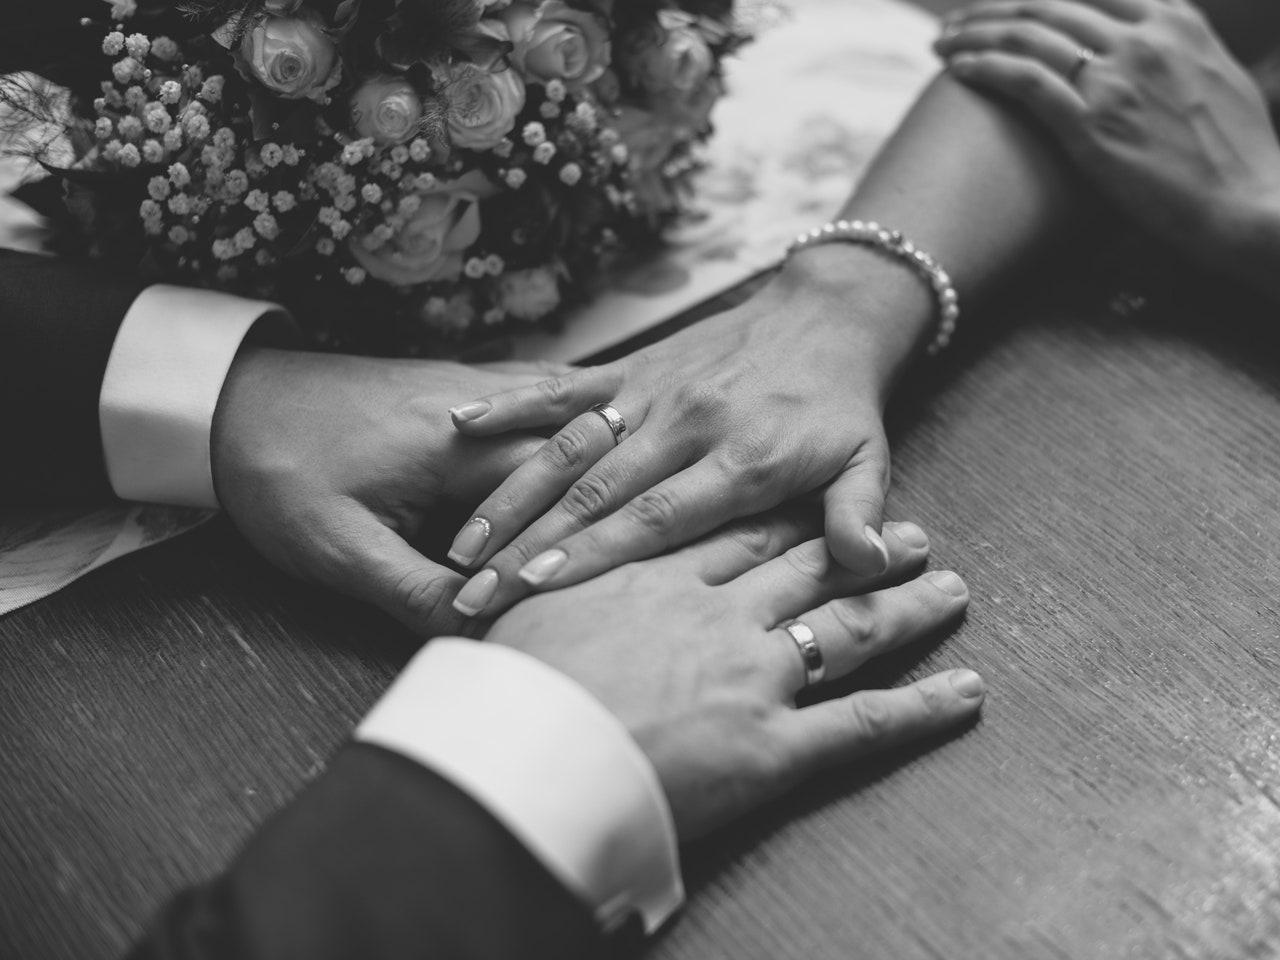 Si mund ta mbani gjallë dashurinë pas martesës?